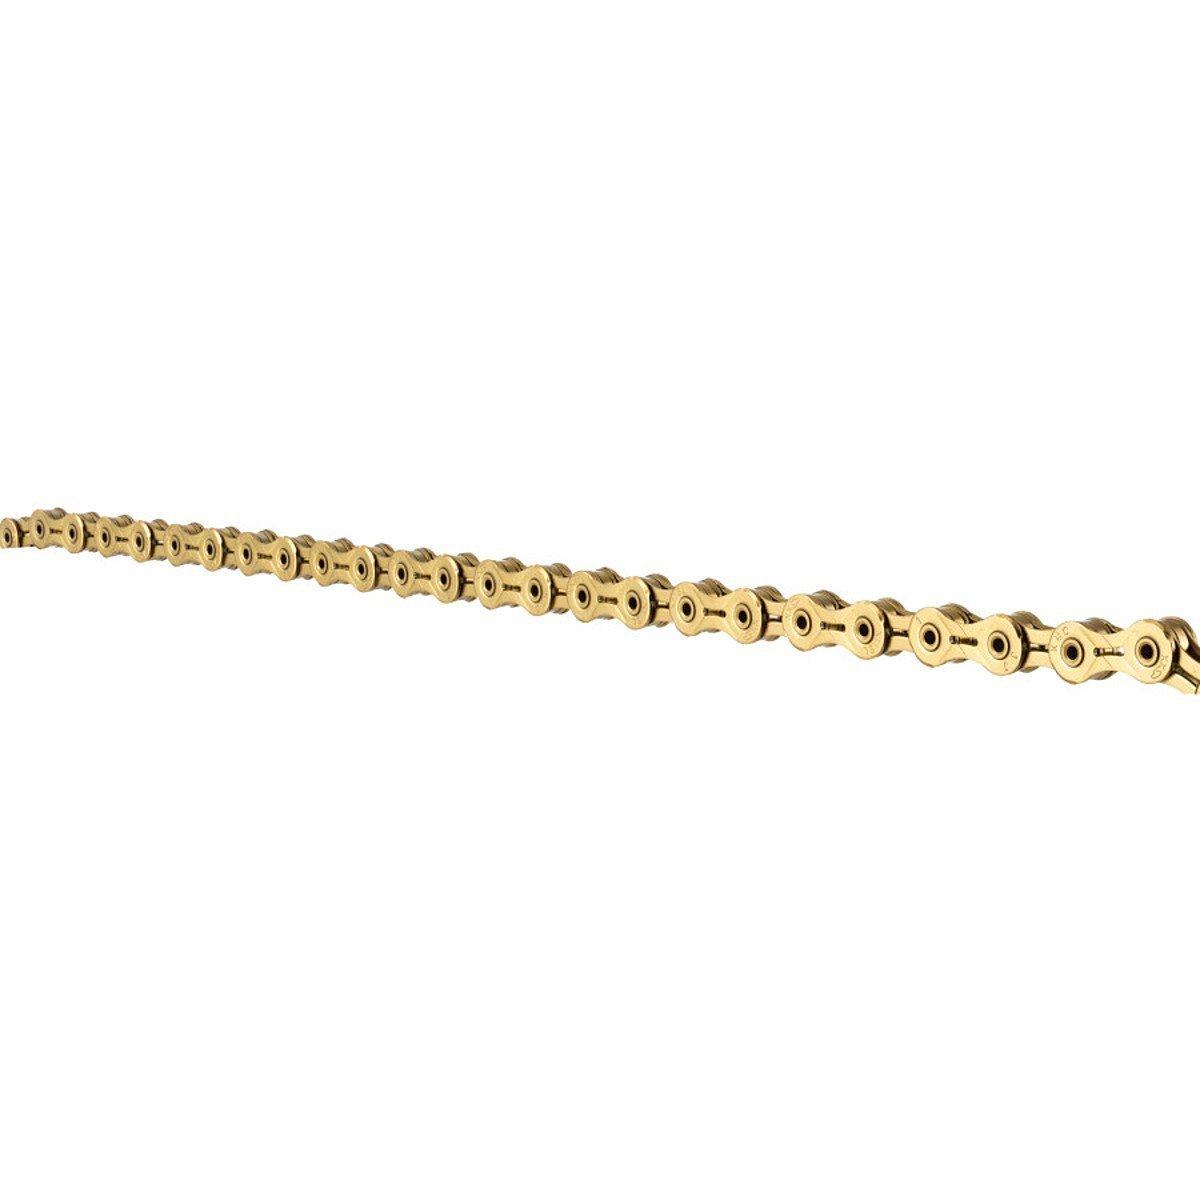 KMC X11SL 11 Speed 116L Bike Chain Titanium Gold [並行輸入品] B077QH83JR